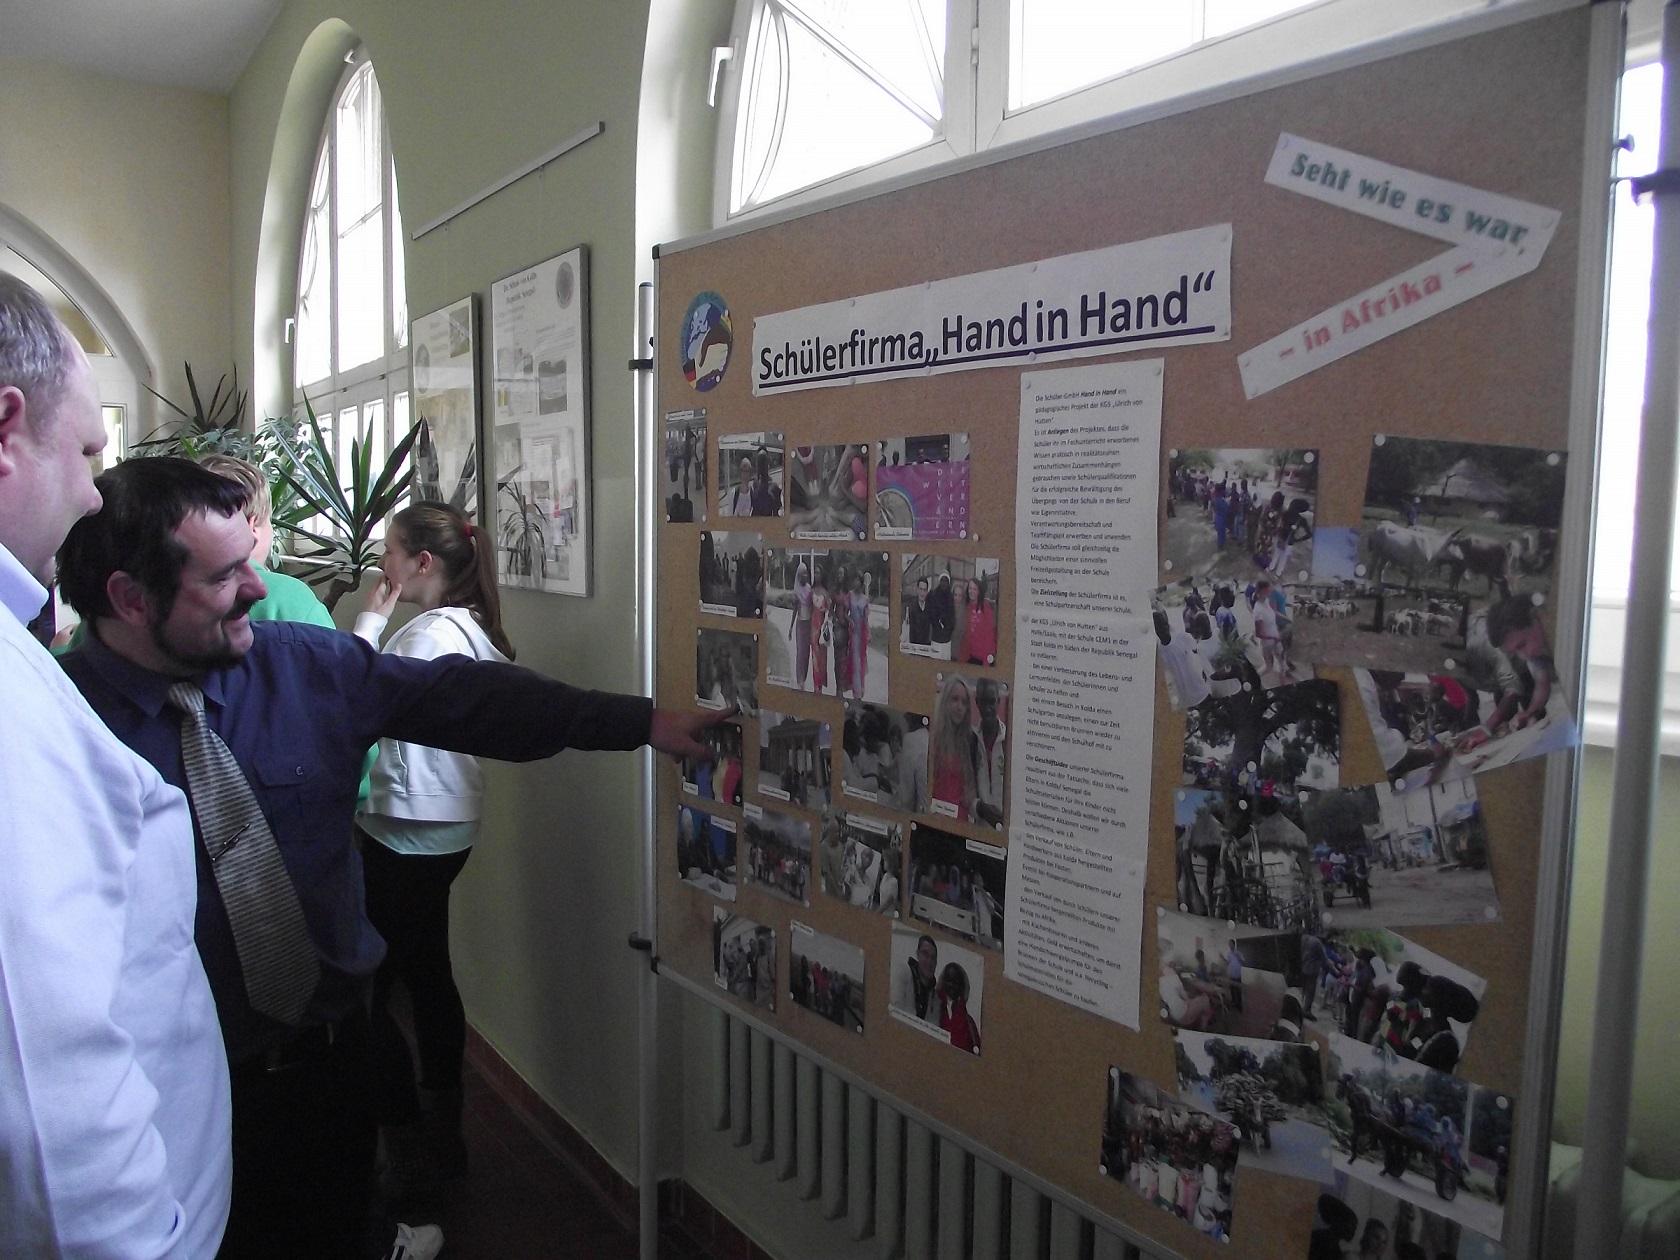 """Präsentation und Bilder der Schülerfirma """"Hand in Hand"""""""